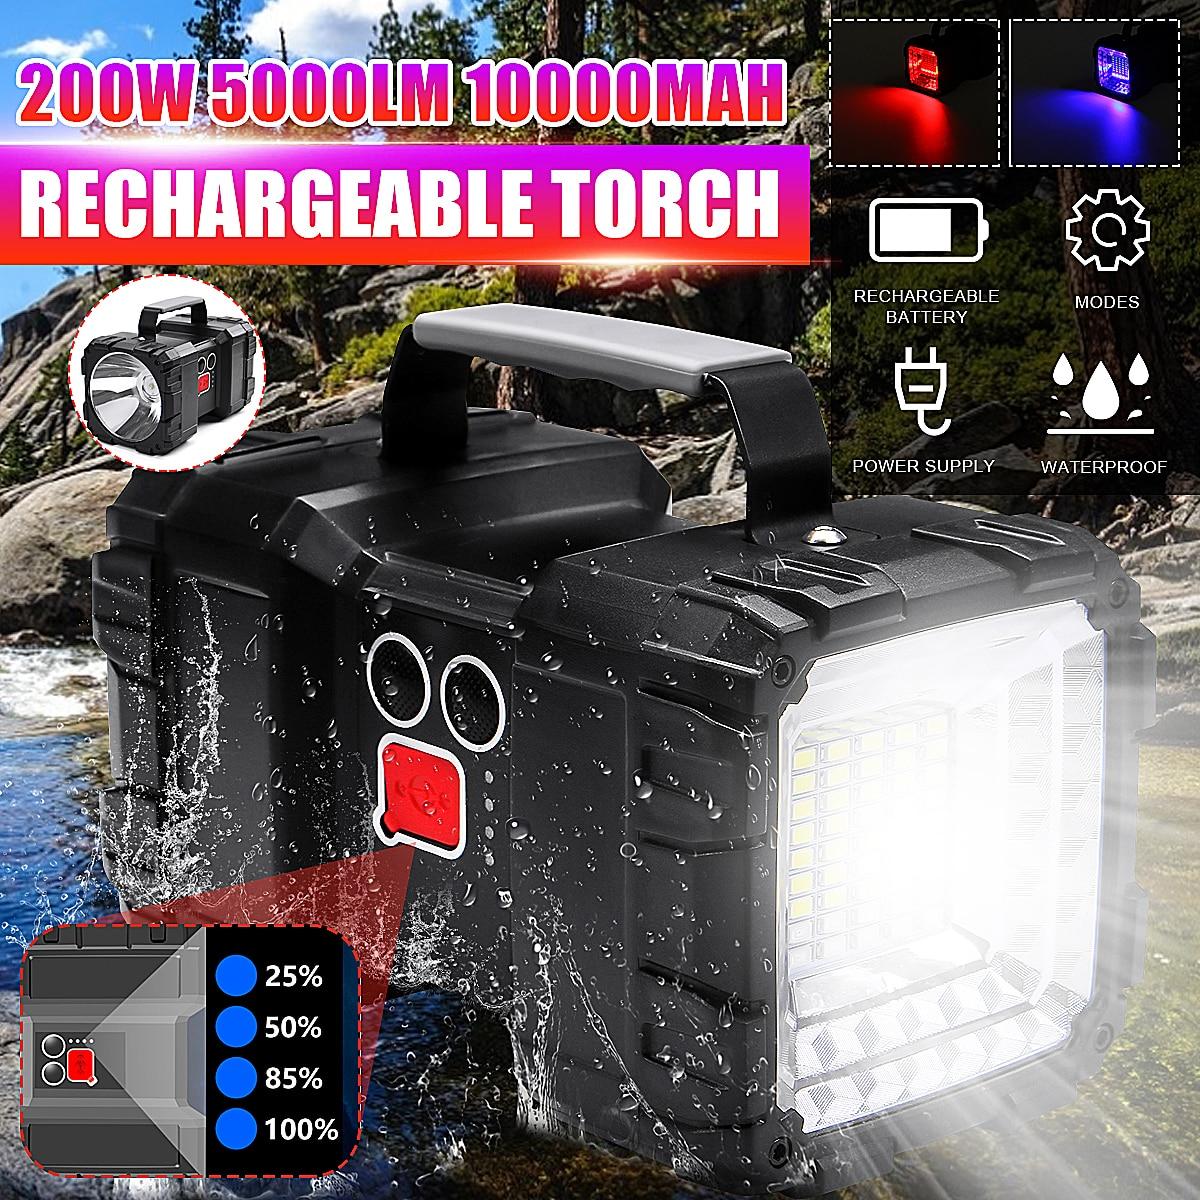 5000LM السوبر مشرق قوي USB مصباح ليد جيب البحث المشاعل ليلة ضوء مصباح اليد فانوس التخييم بطارية قابلة للشحن